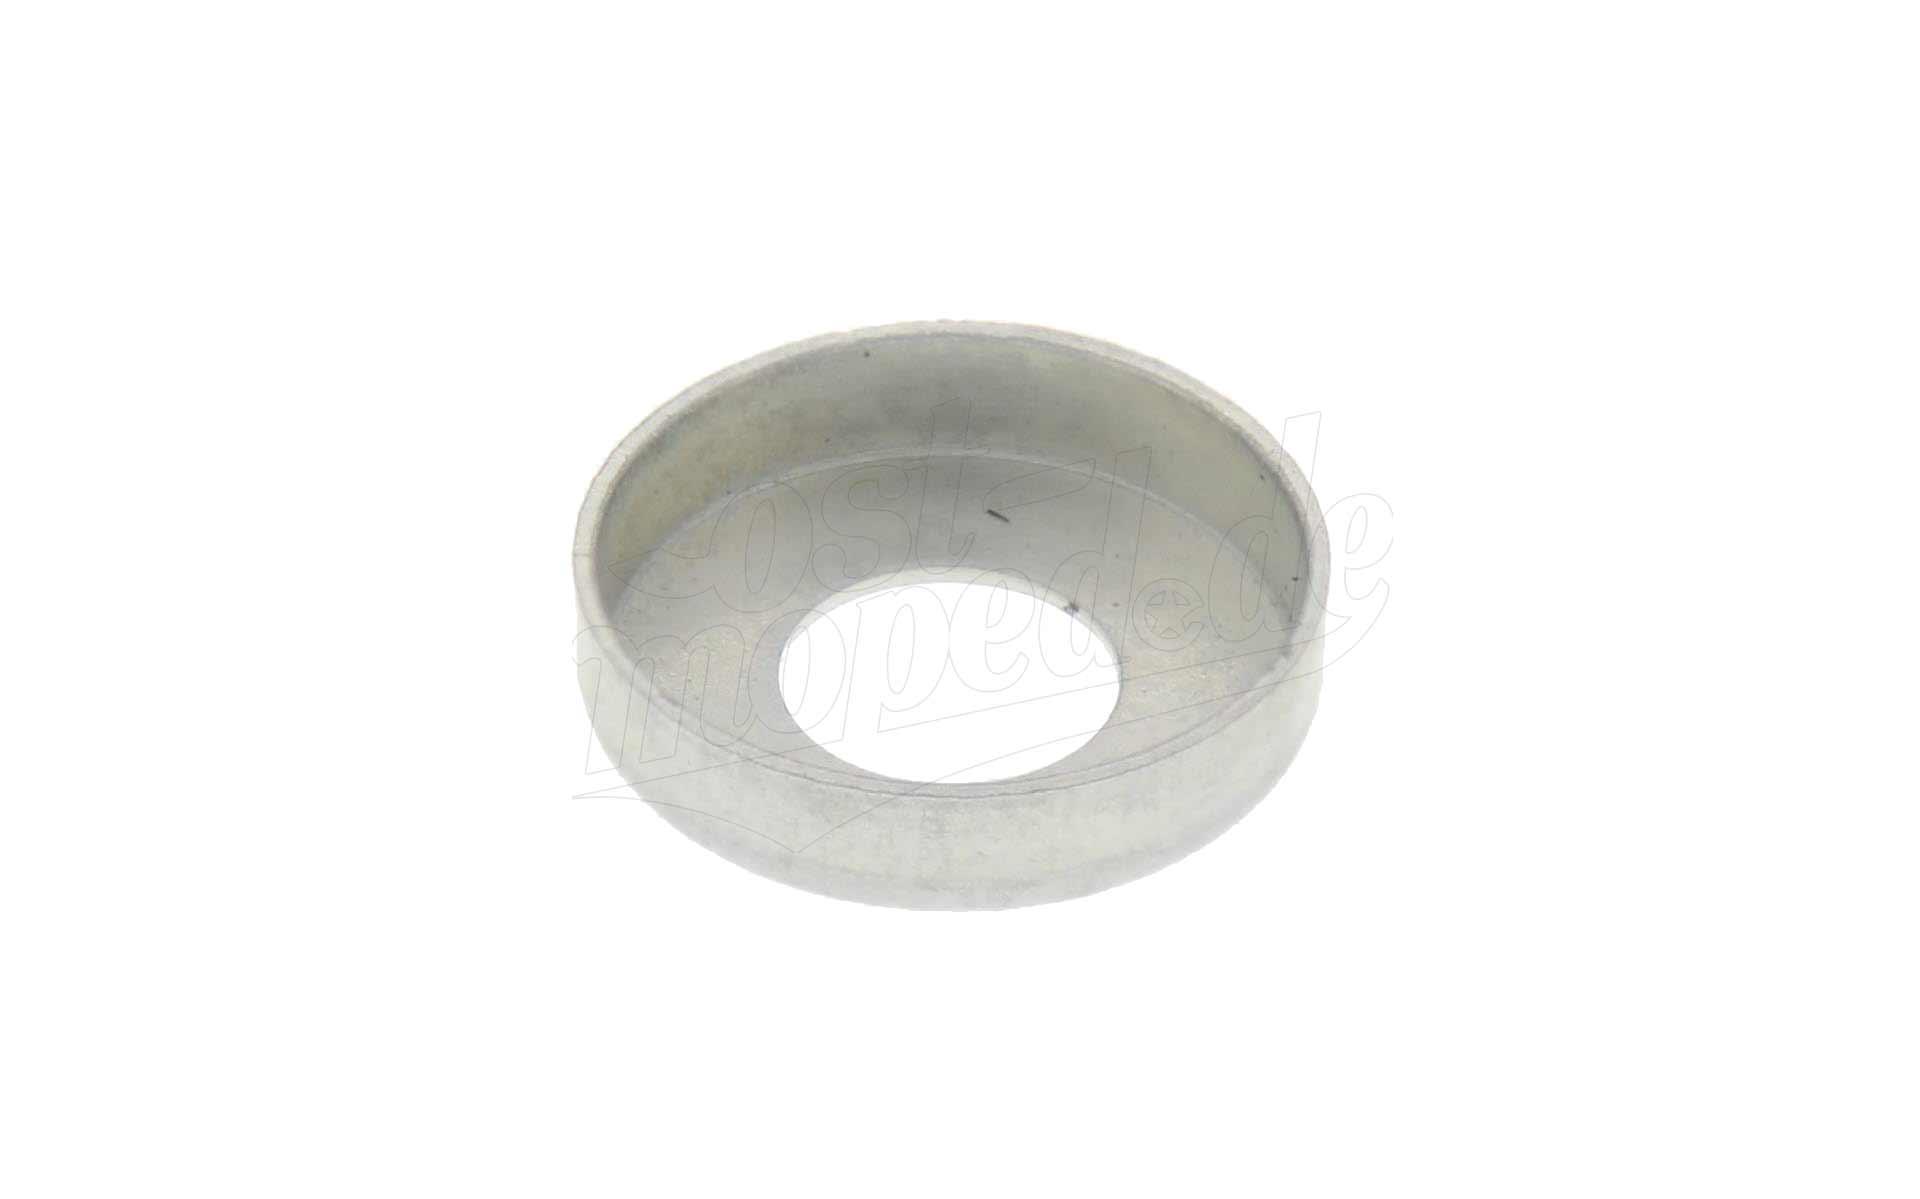 Schutzkappe für Fußbremshebel S50, S51, S53, SR50, KR51/2 und Schalthebel SR50